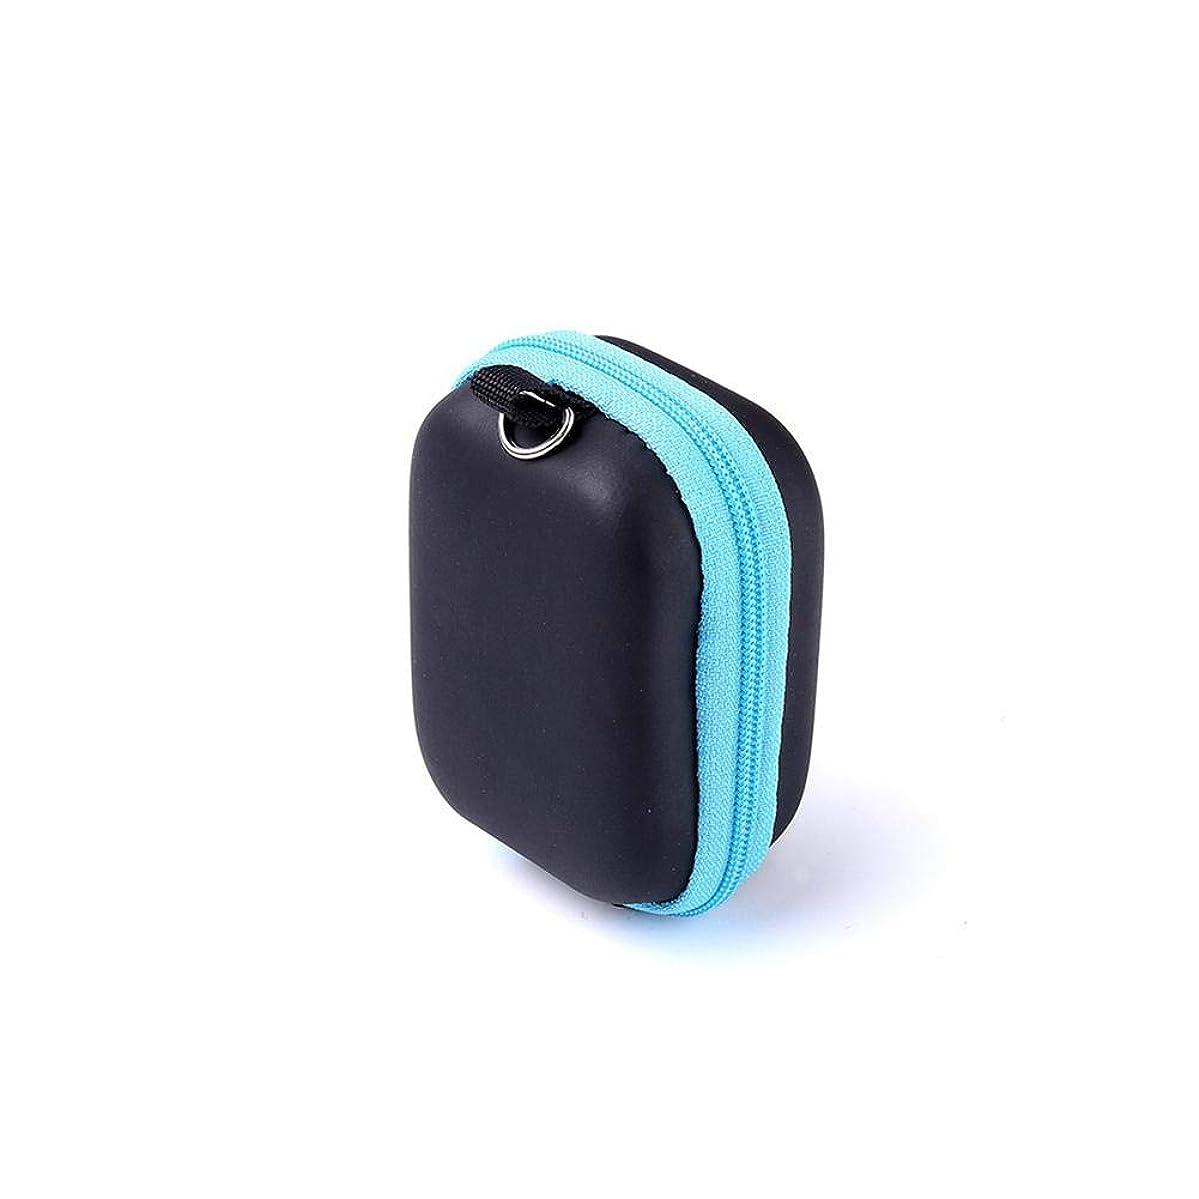 明日報告書囚人Pursue エッセンシャルオイル収納ケース アロマオイル収納ボックス アロマポーチ収納ケース 耐震 携帯便利 香水収納ポーチ 化粧ポーチ 6本用